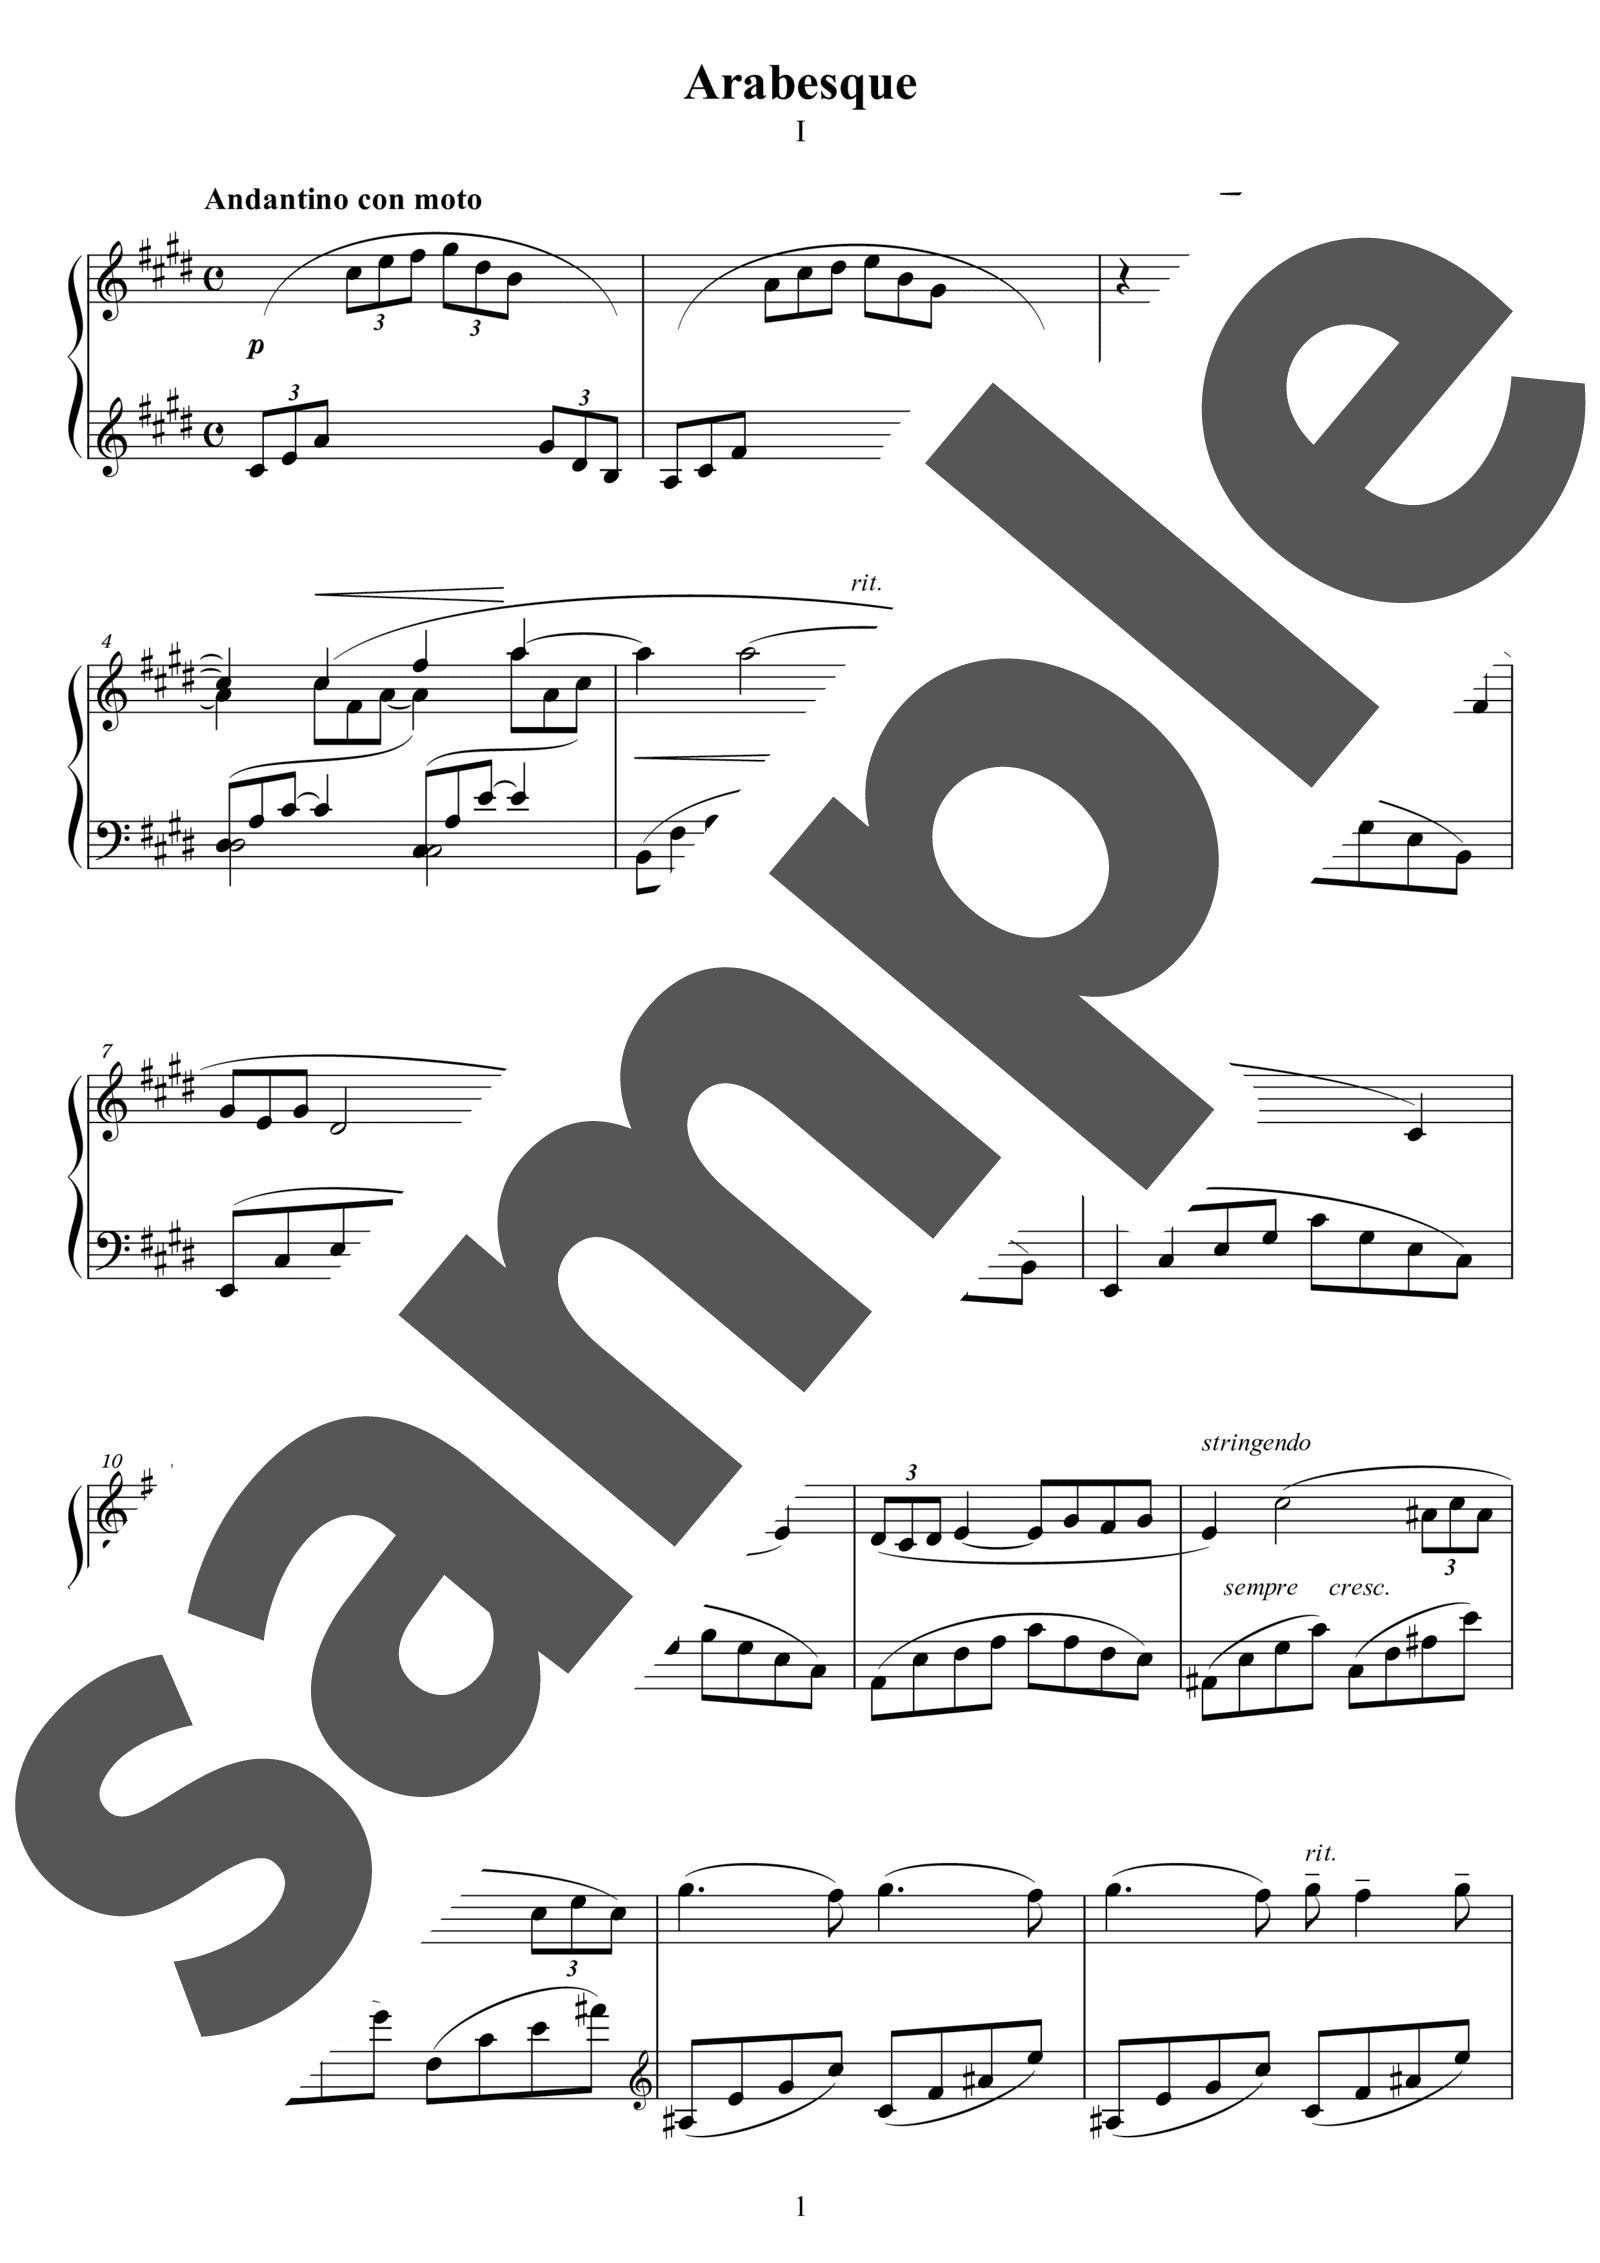 ピアノ楽譜】2つのアラベスク第1番 / C.Debussy(ソロ / 中上級 ...